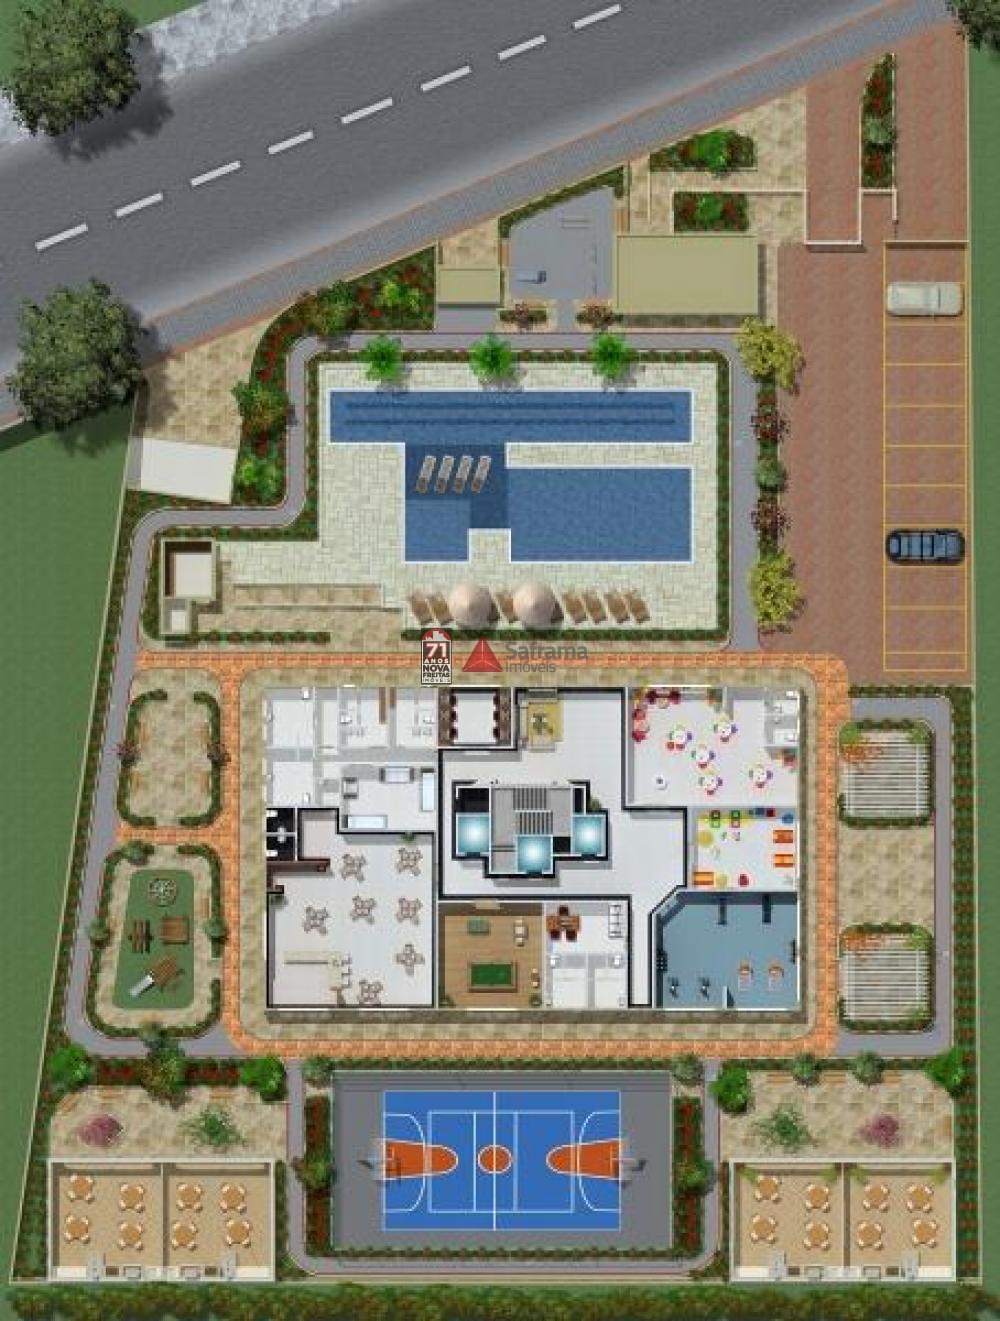 Comprar Apartamento / Padrão em São José dos Campos R$ 660.000,00 - Foto 8